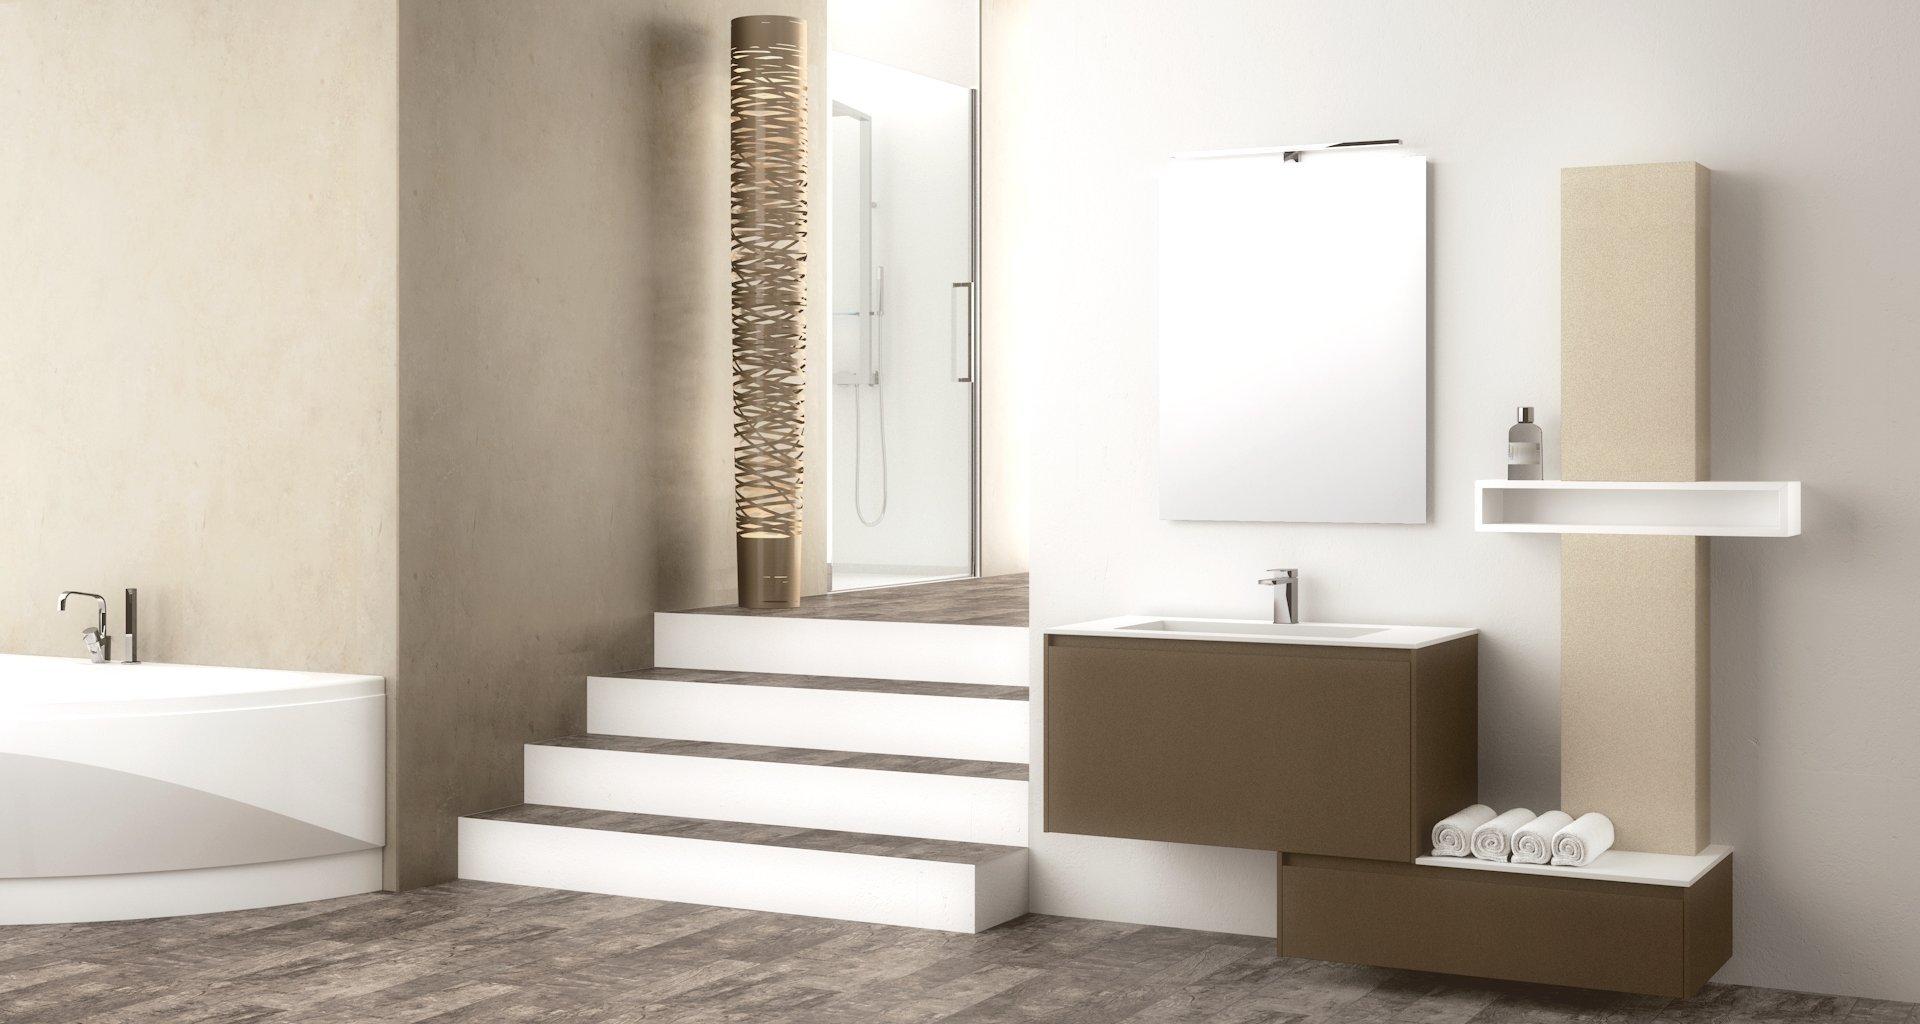 nome prodotto relax 01 mobile da bagno iotti categoria mobili da bagno